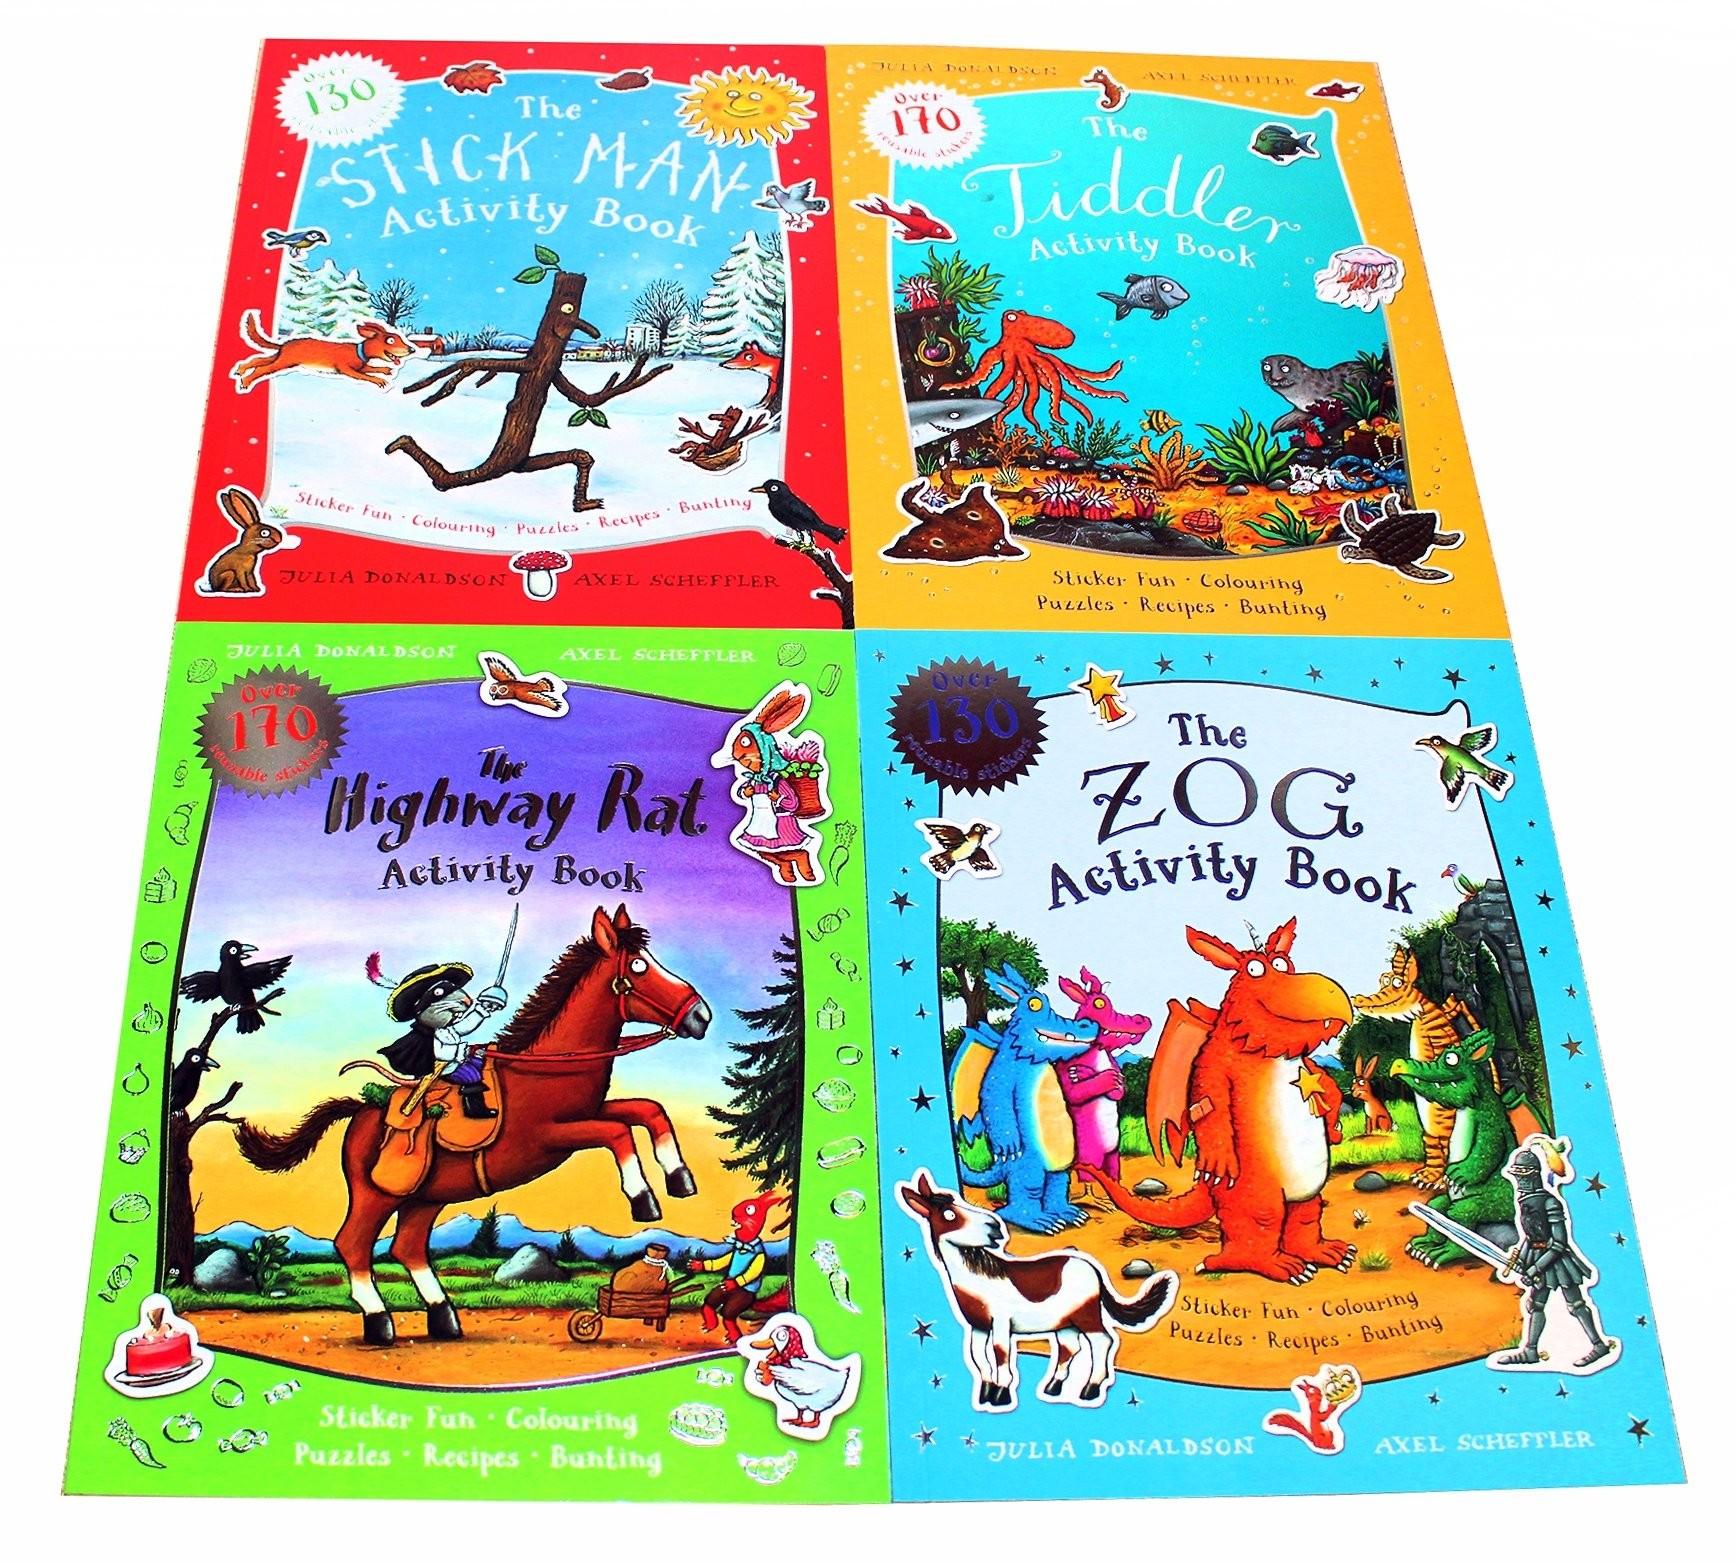 Julia Donaldson and Axel Scheffler 4 Activity Books Paperback £7.99 @ Books2Door (£2.49 P&P)